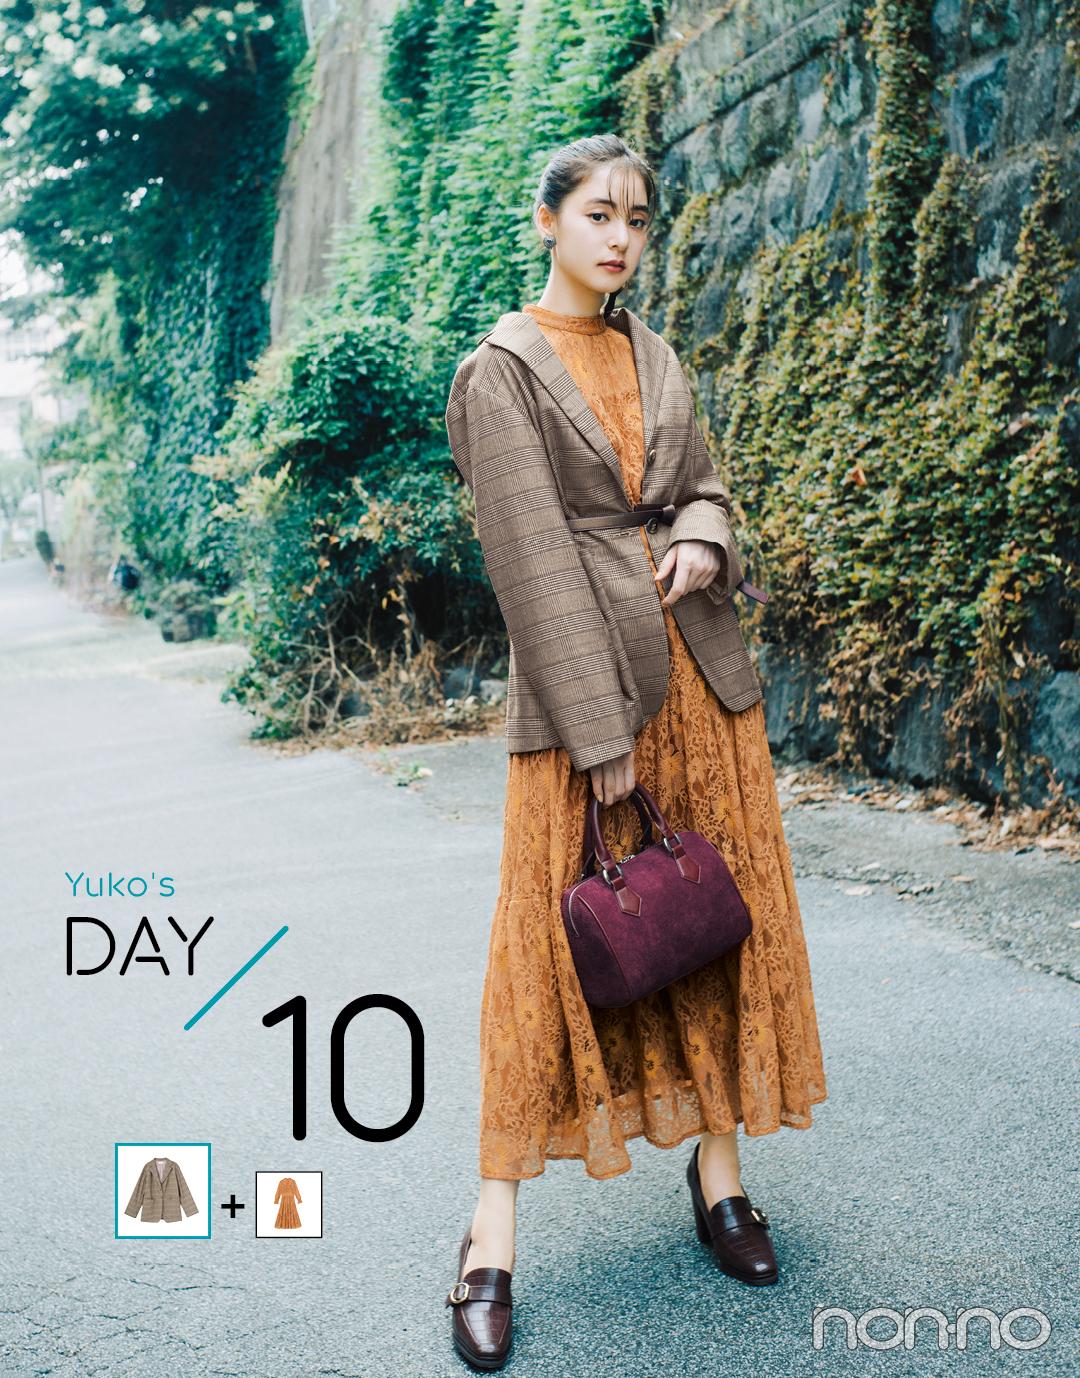 Yuko's DAY10